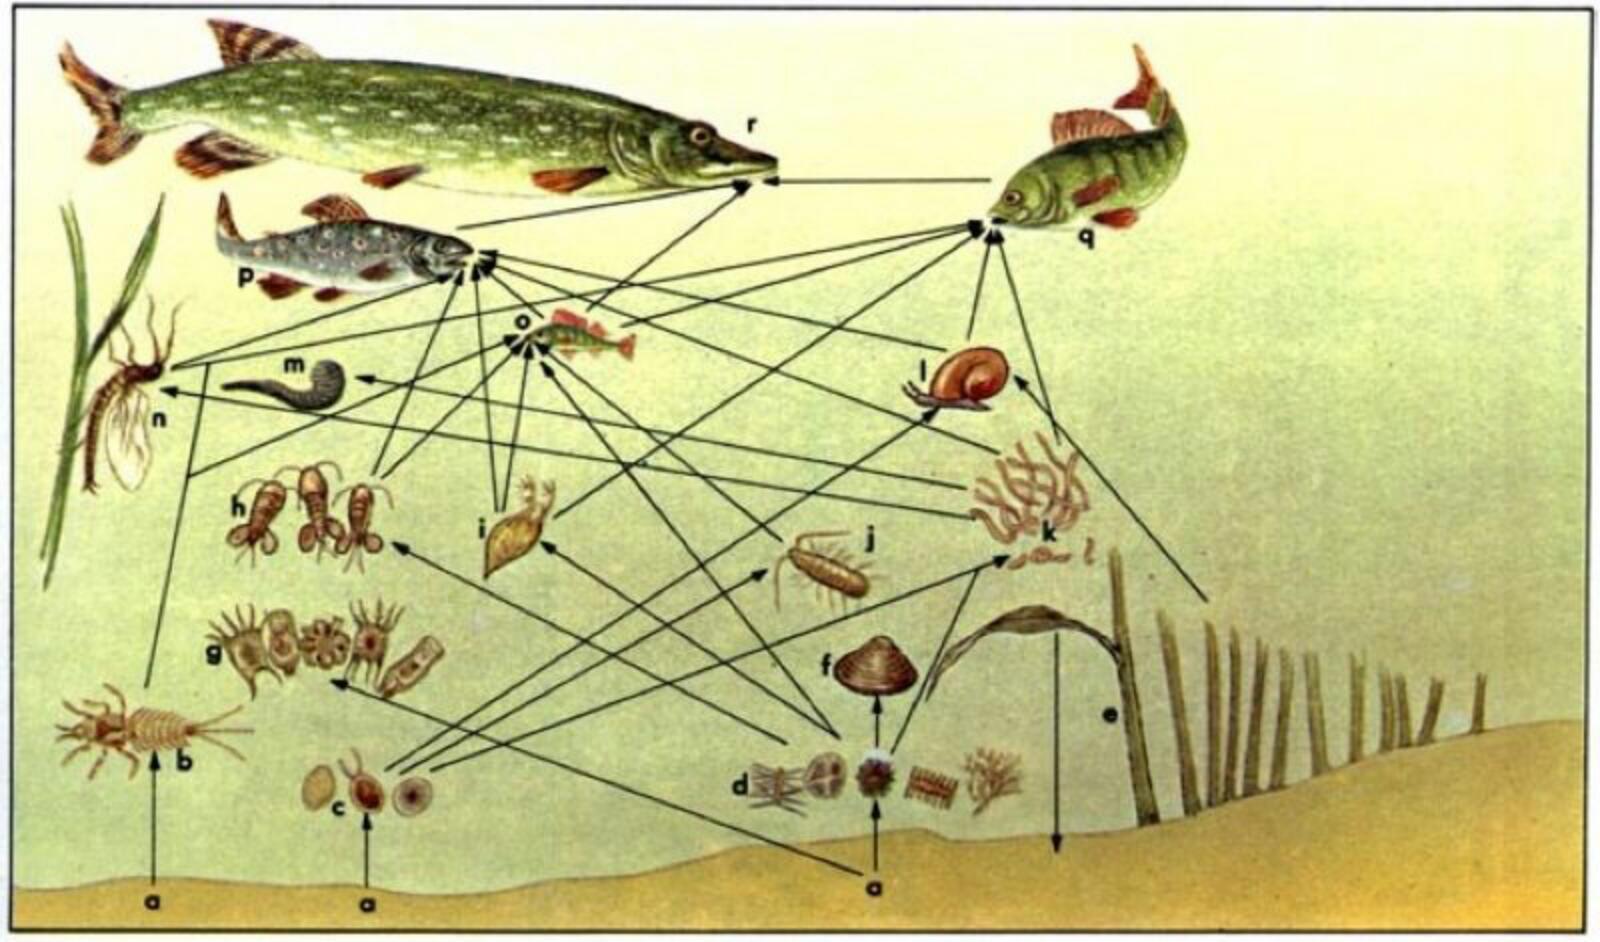 Схема трофической структуры пруда